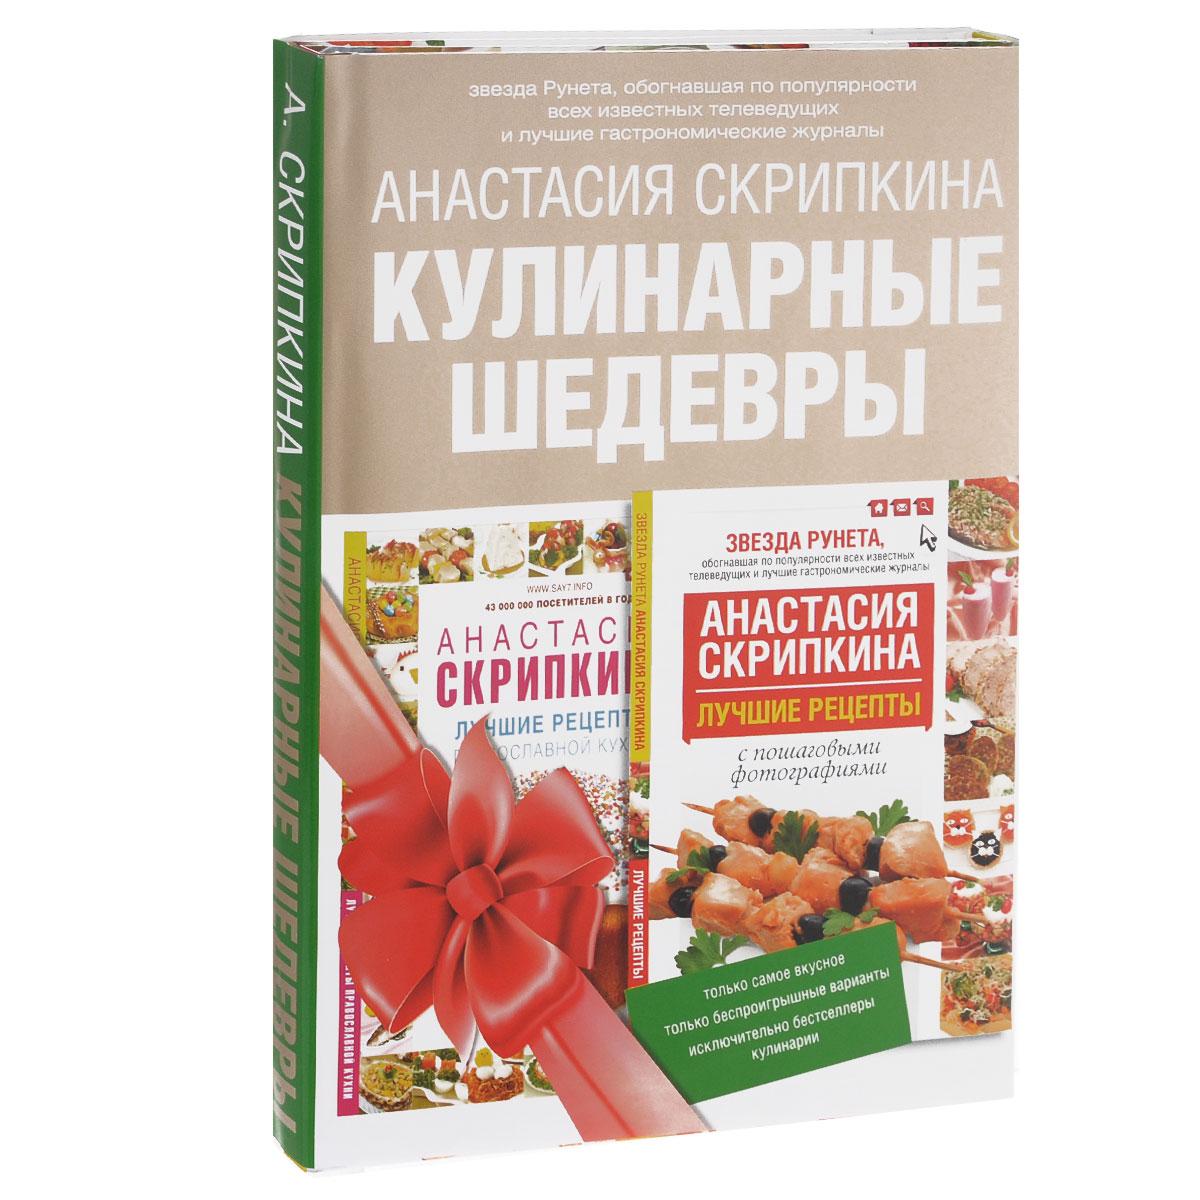 Кулинарные шедевры (комплект из 2 книг)